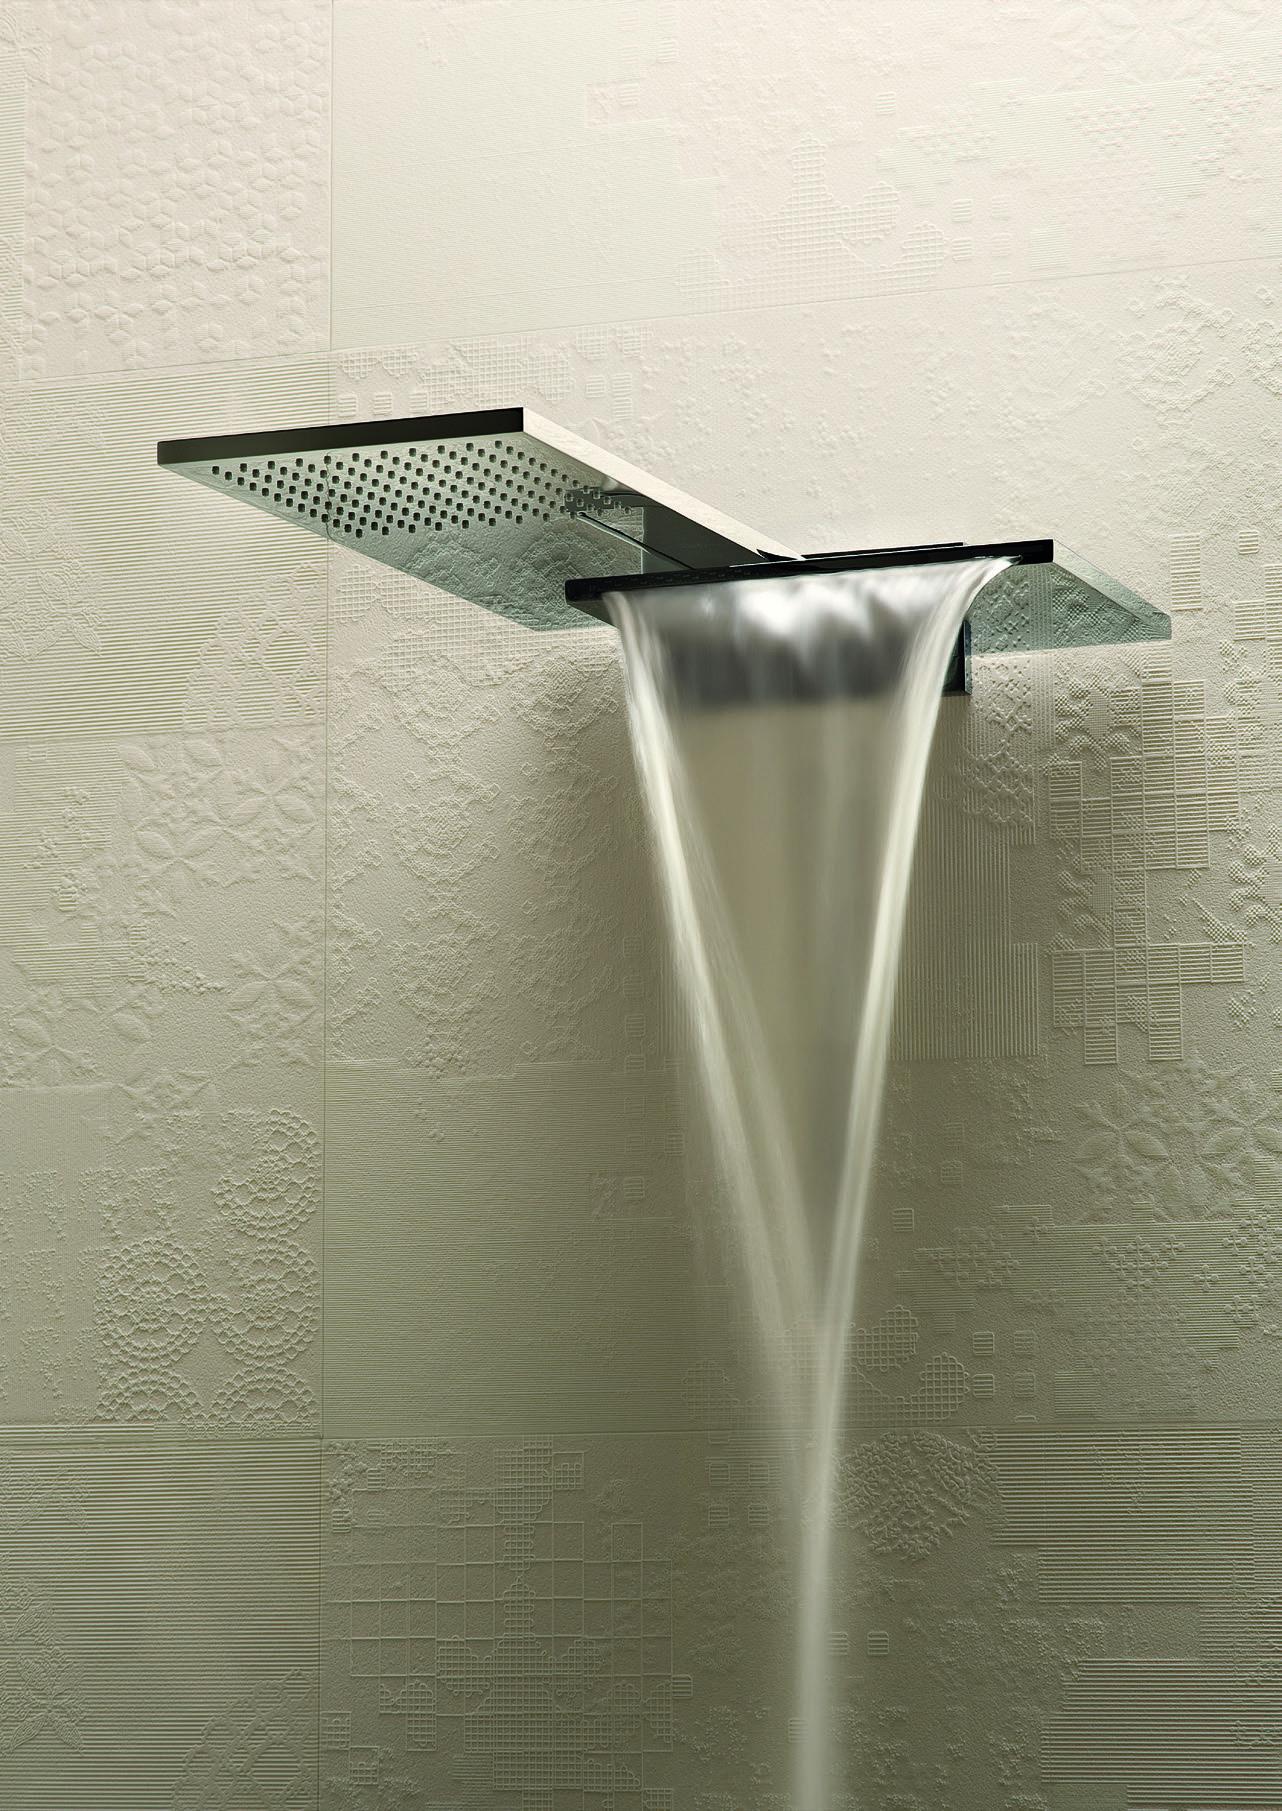 Regen douche met waterval douche kop